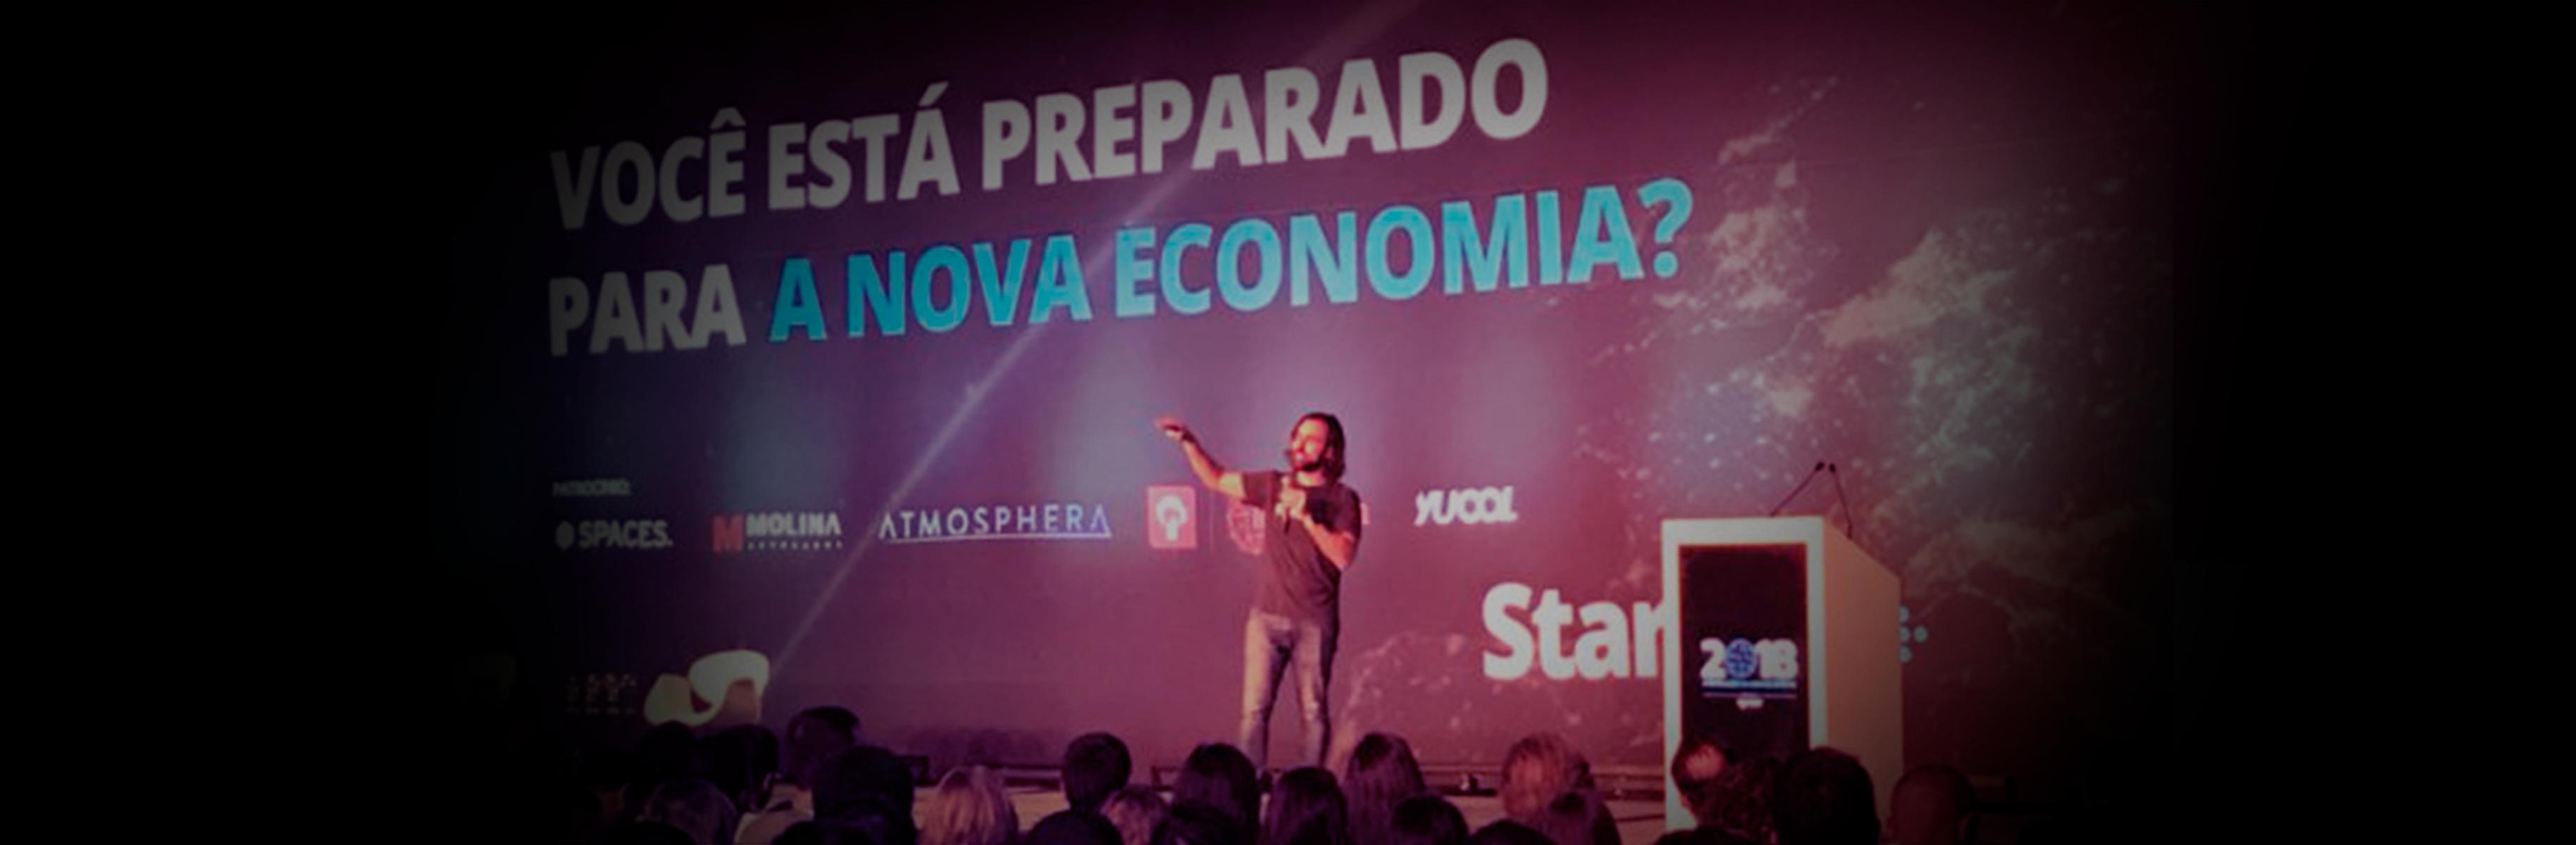 Você está preparado para a nova economia?